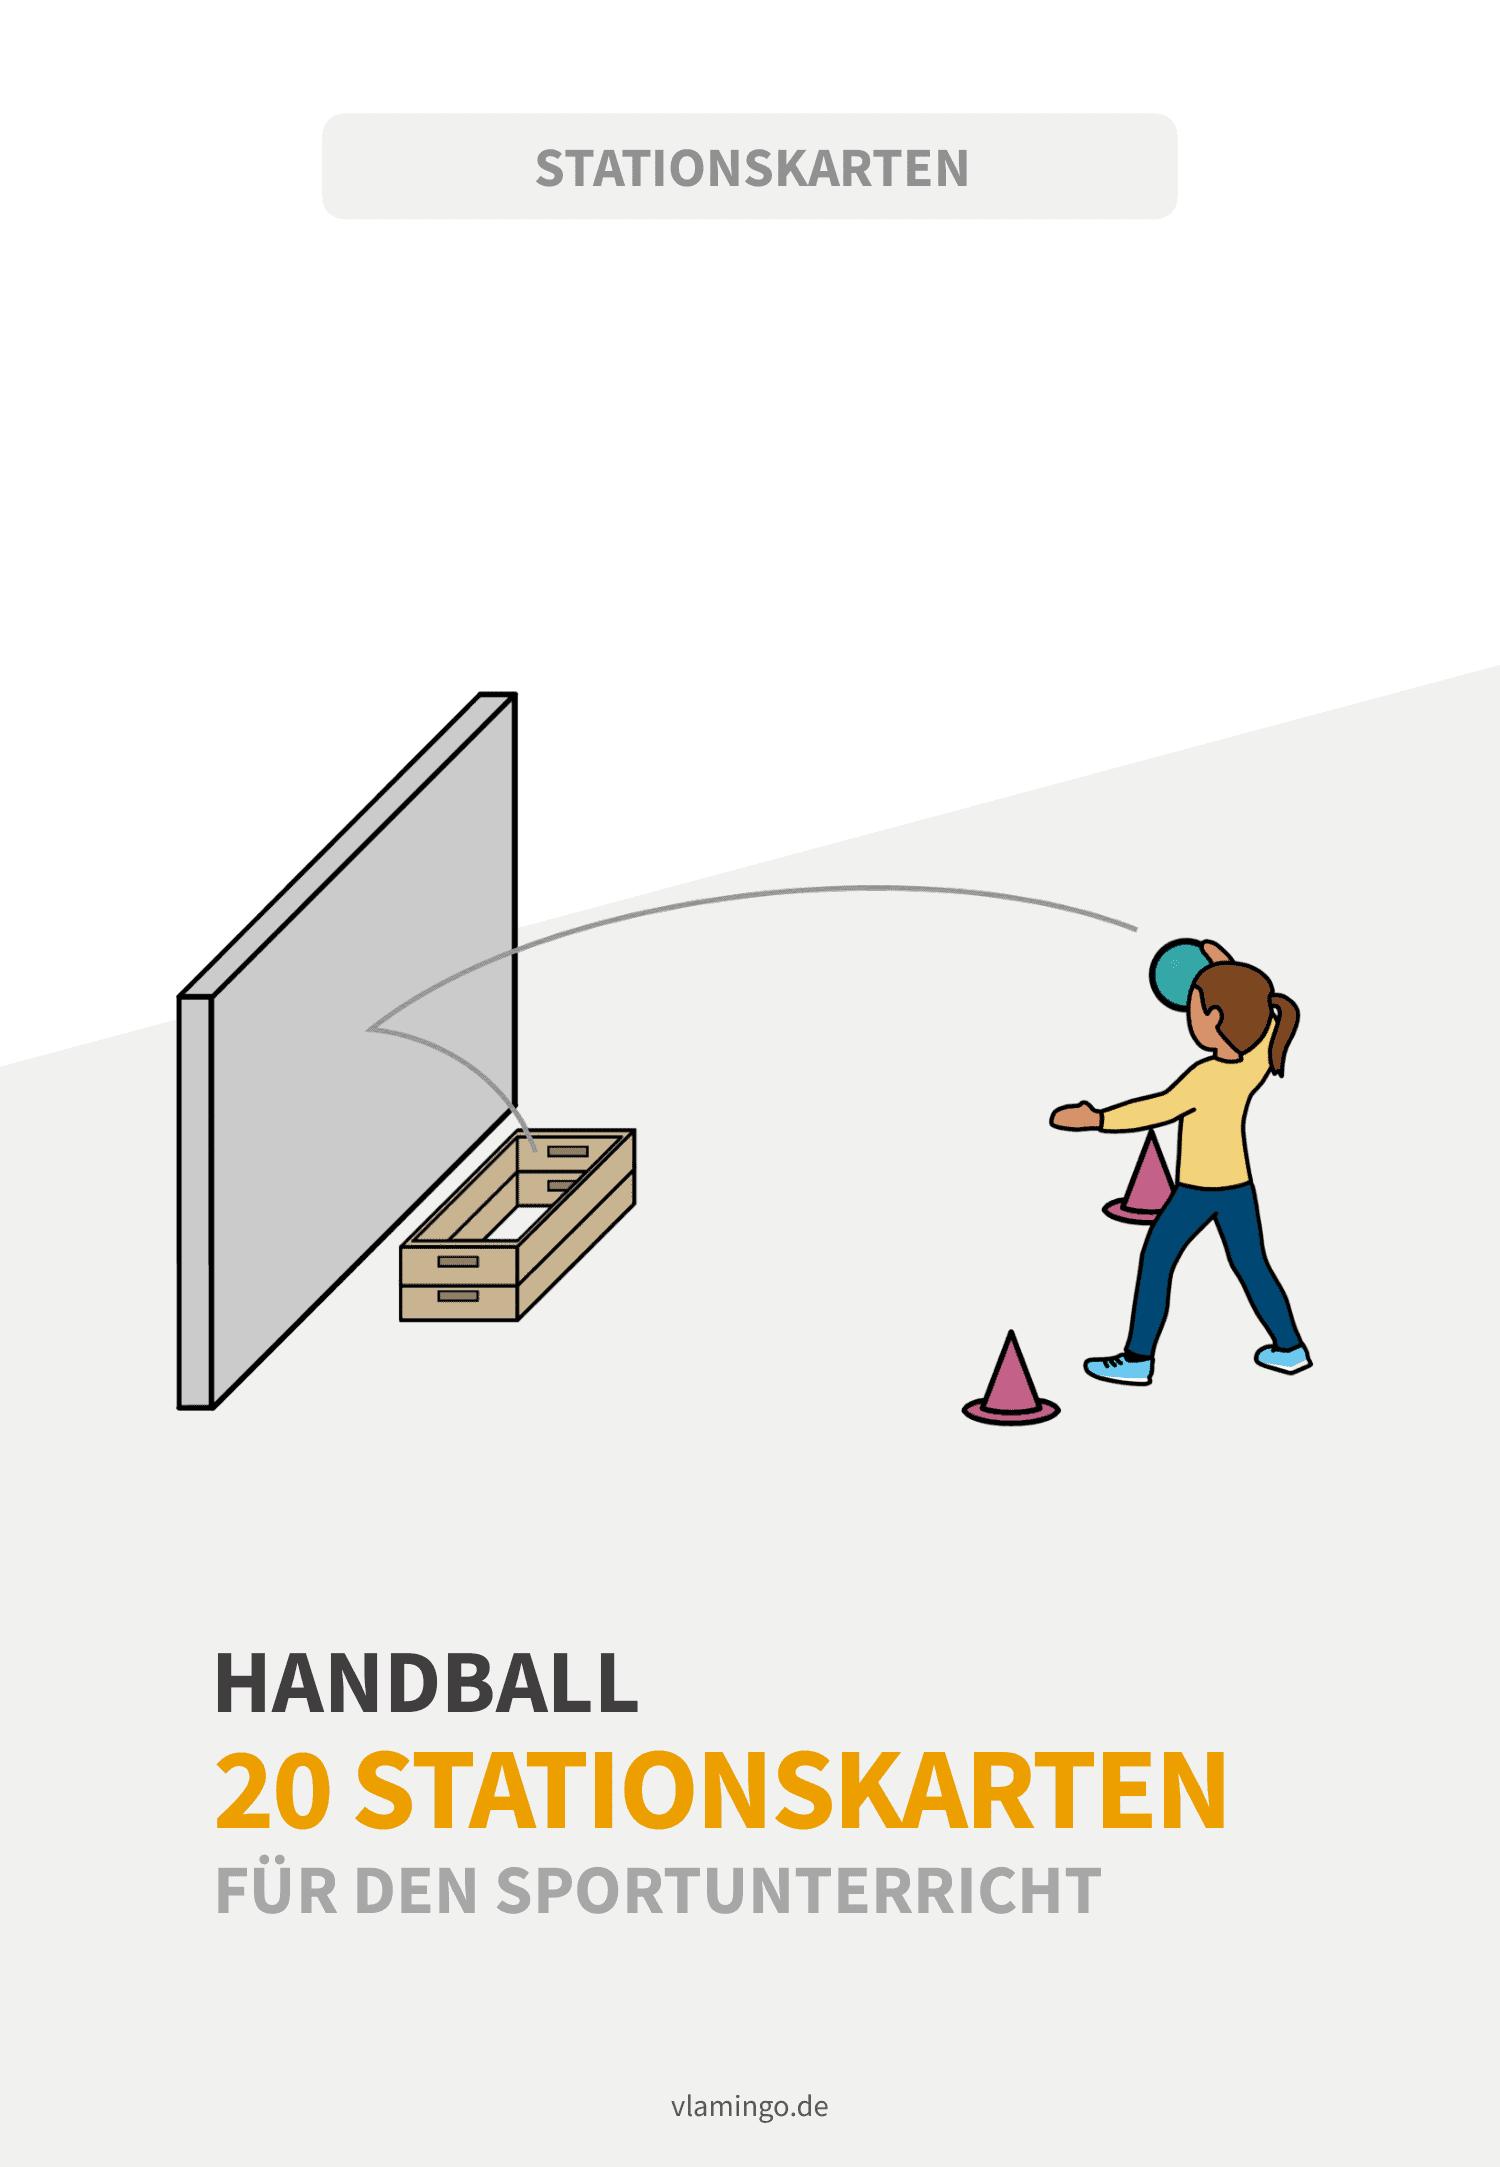 Handball-Stationskarten